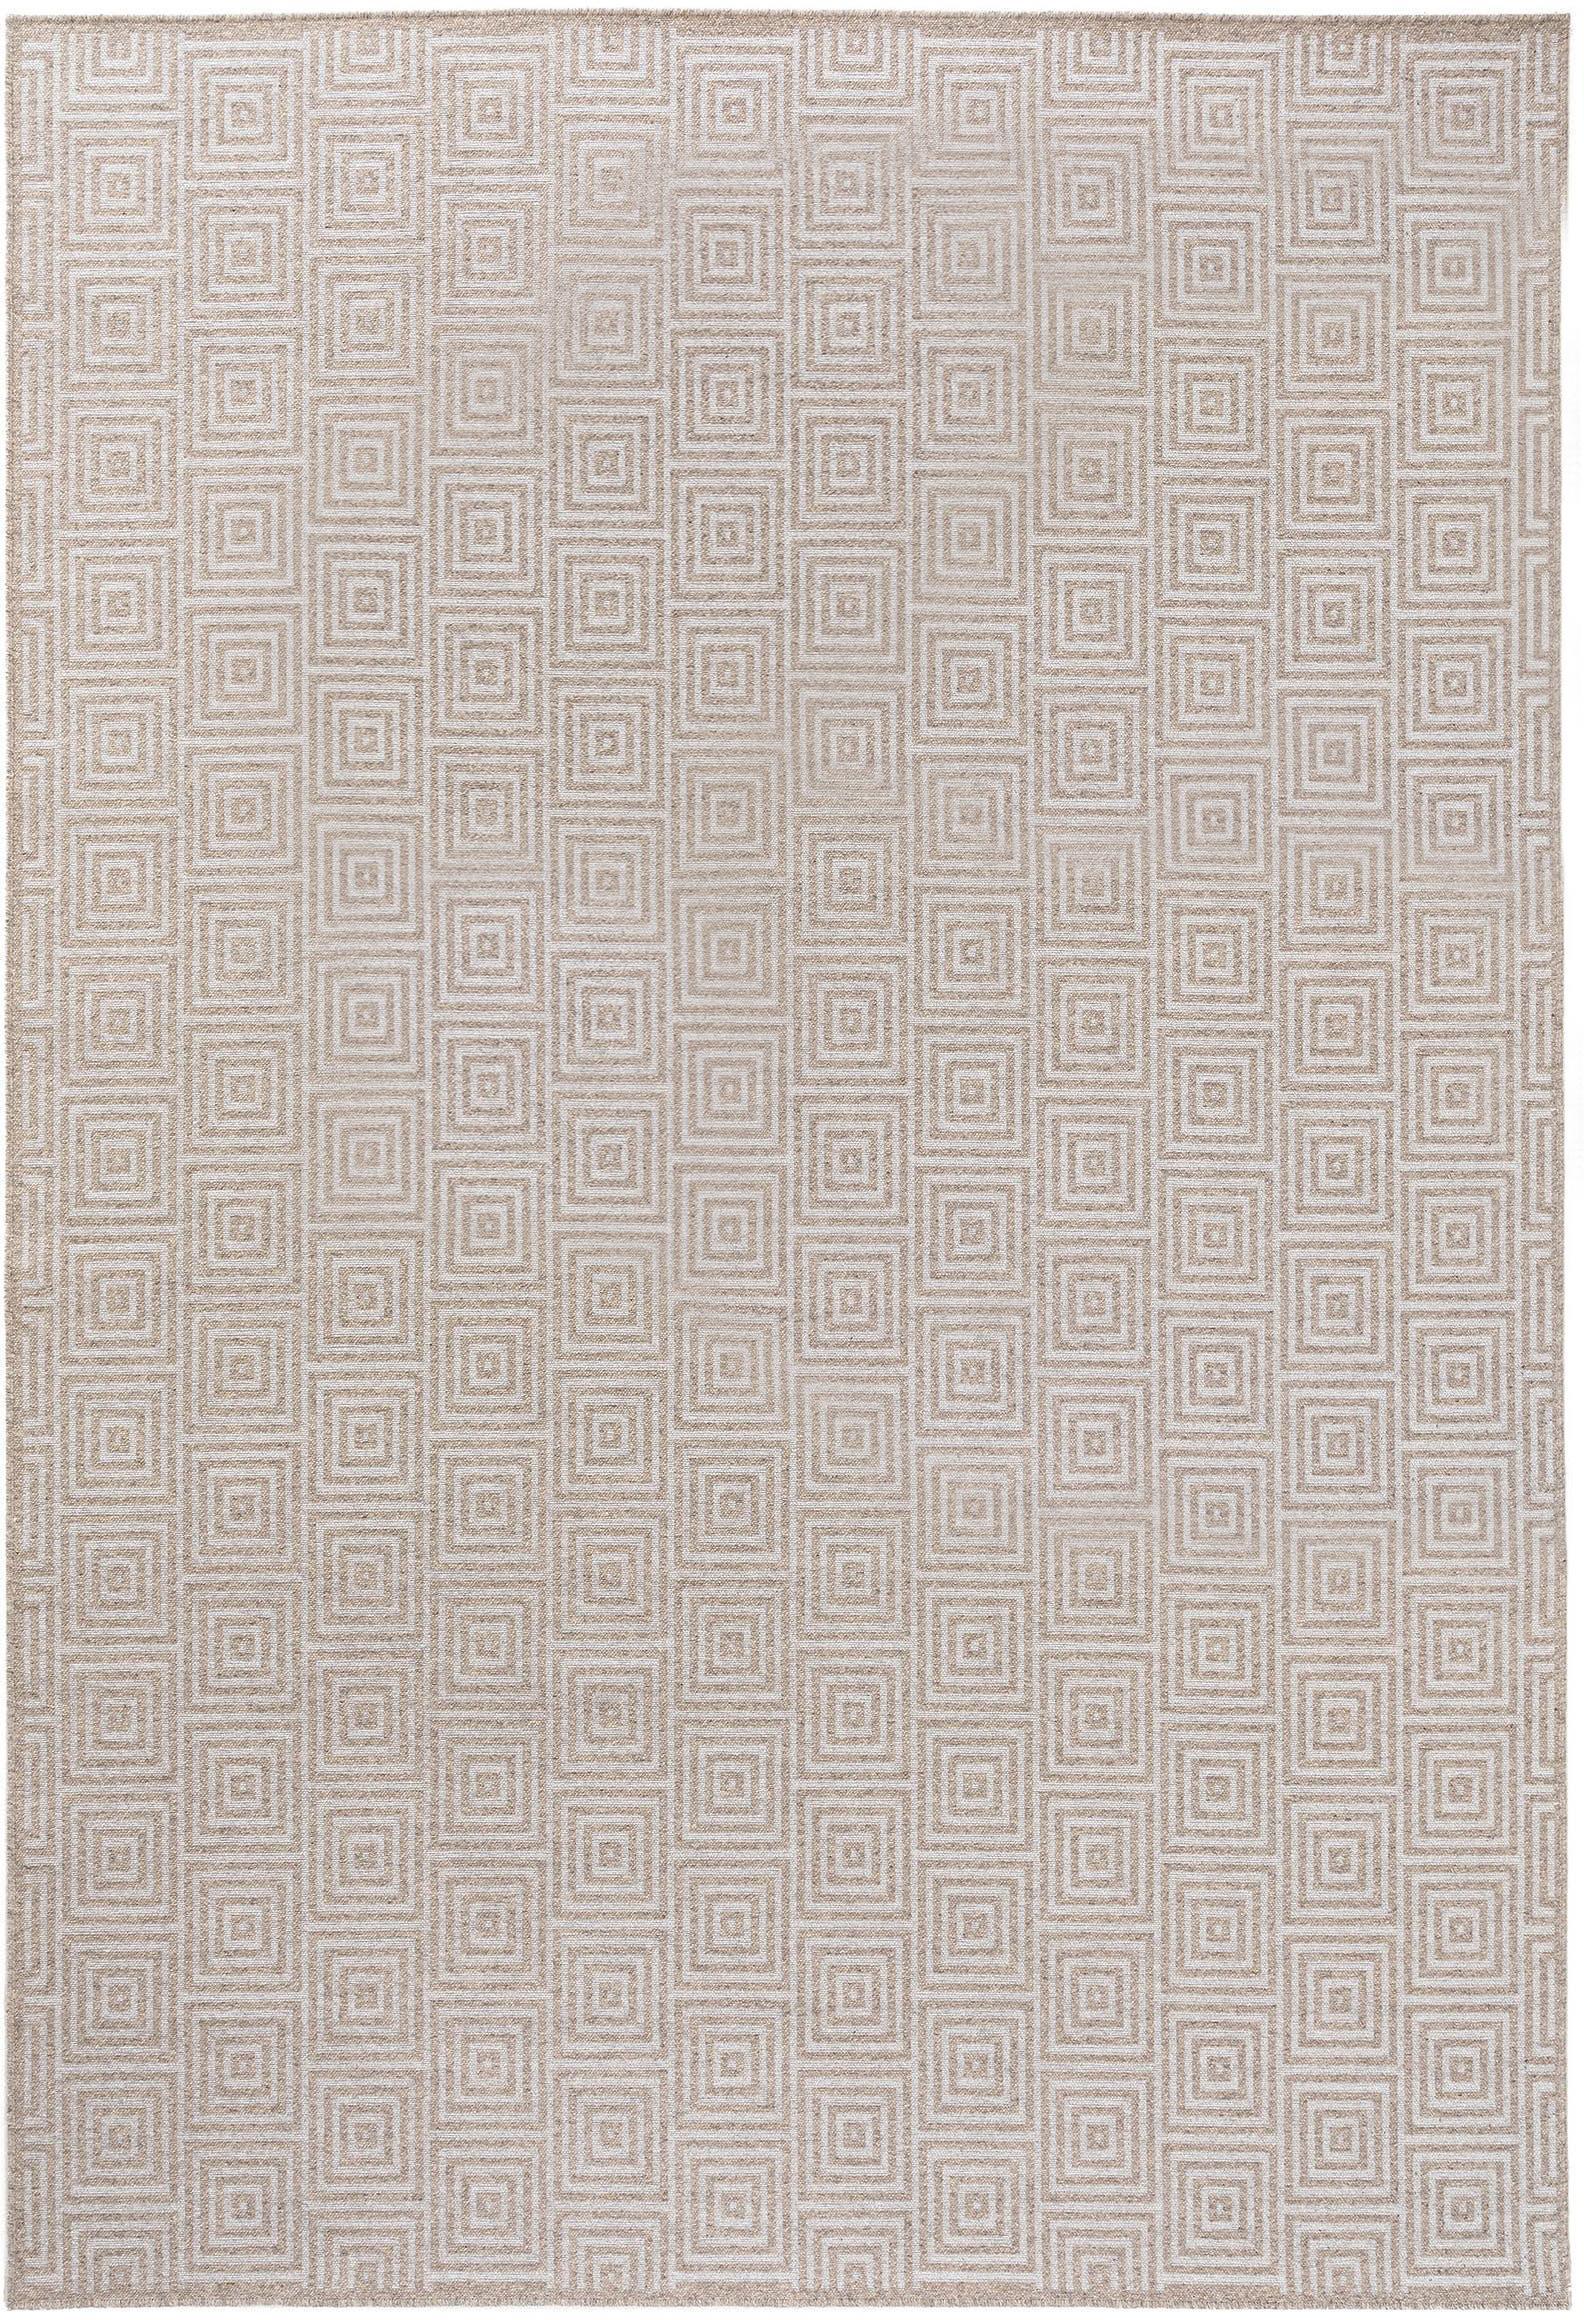 Wollen vloerkleed Jacob met grafisch patroon, 70% wol, 30% viscose, Lichtgrijs, beige, B 120 x L 170 cm (maat S)